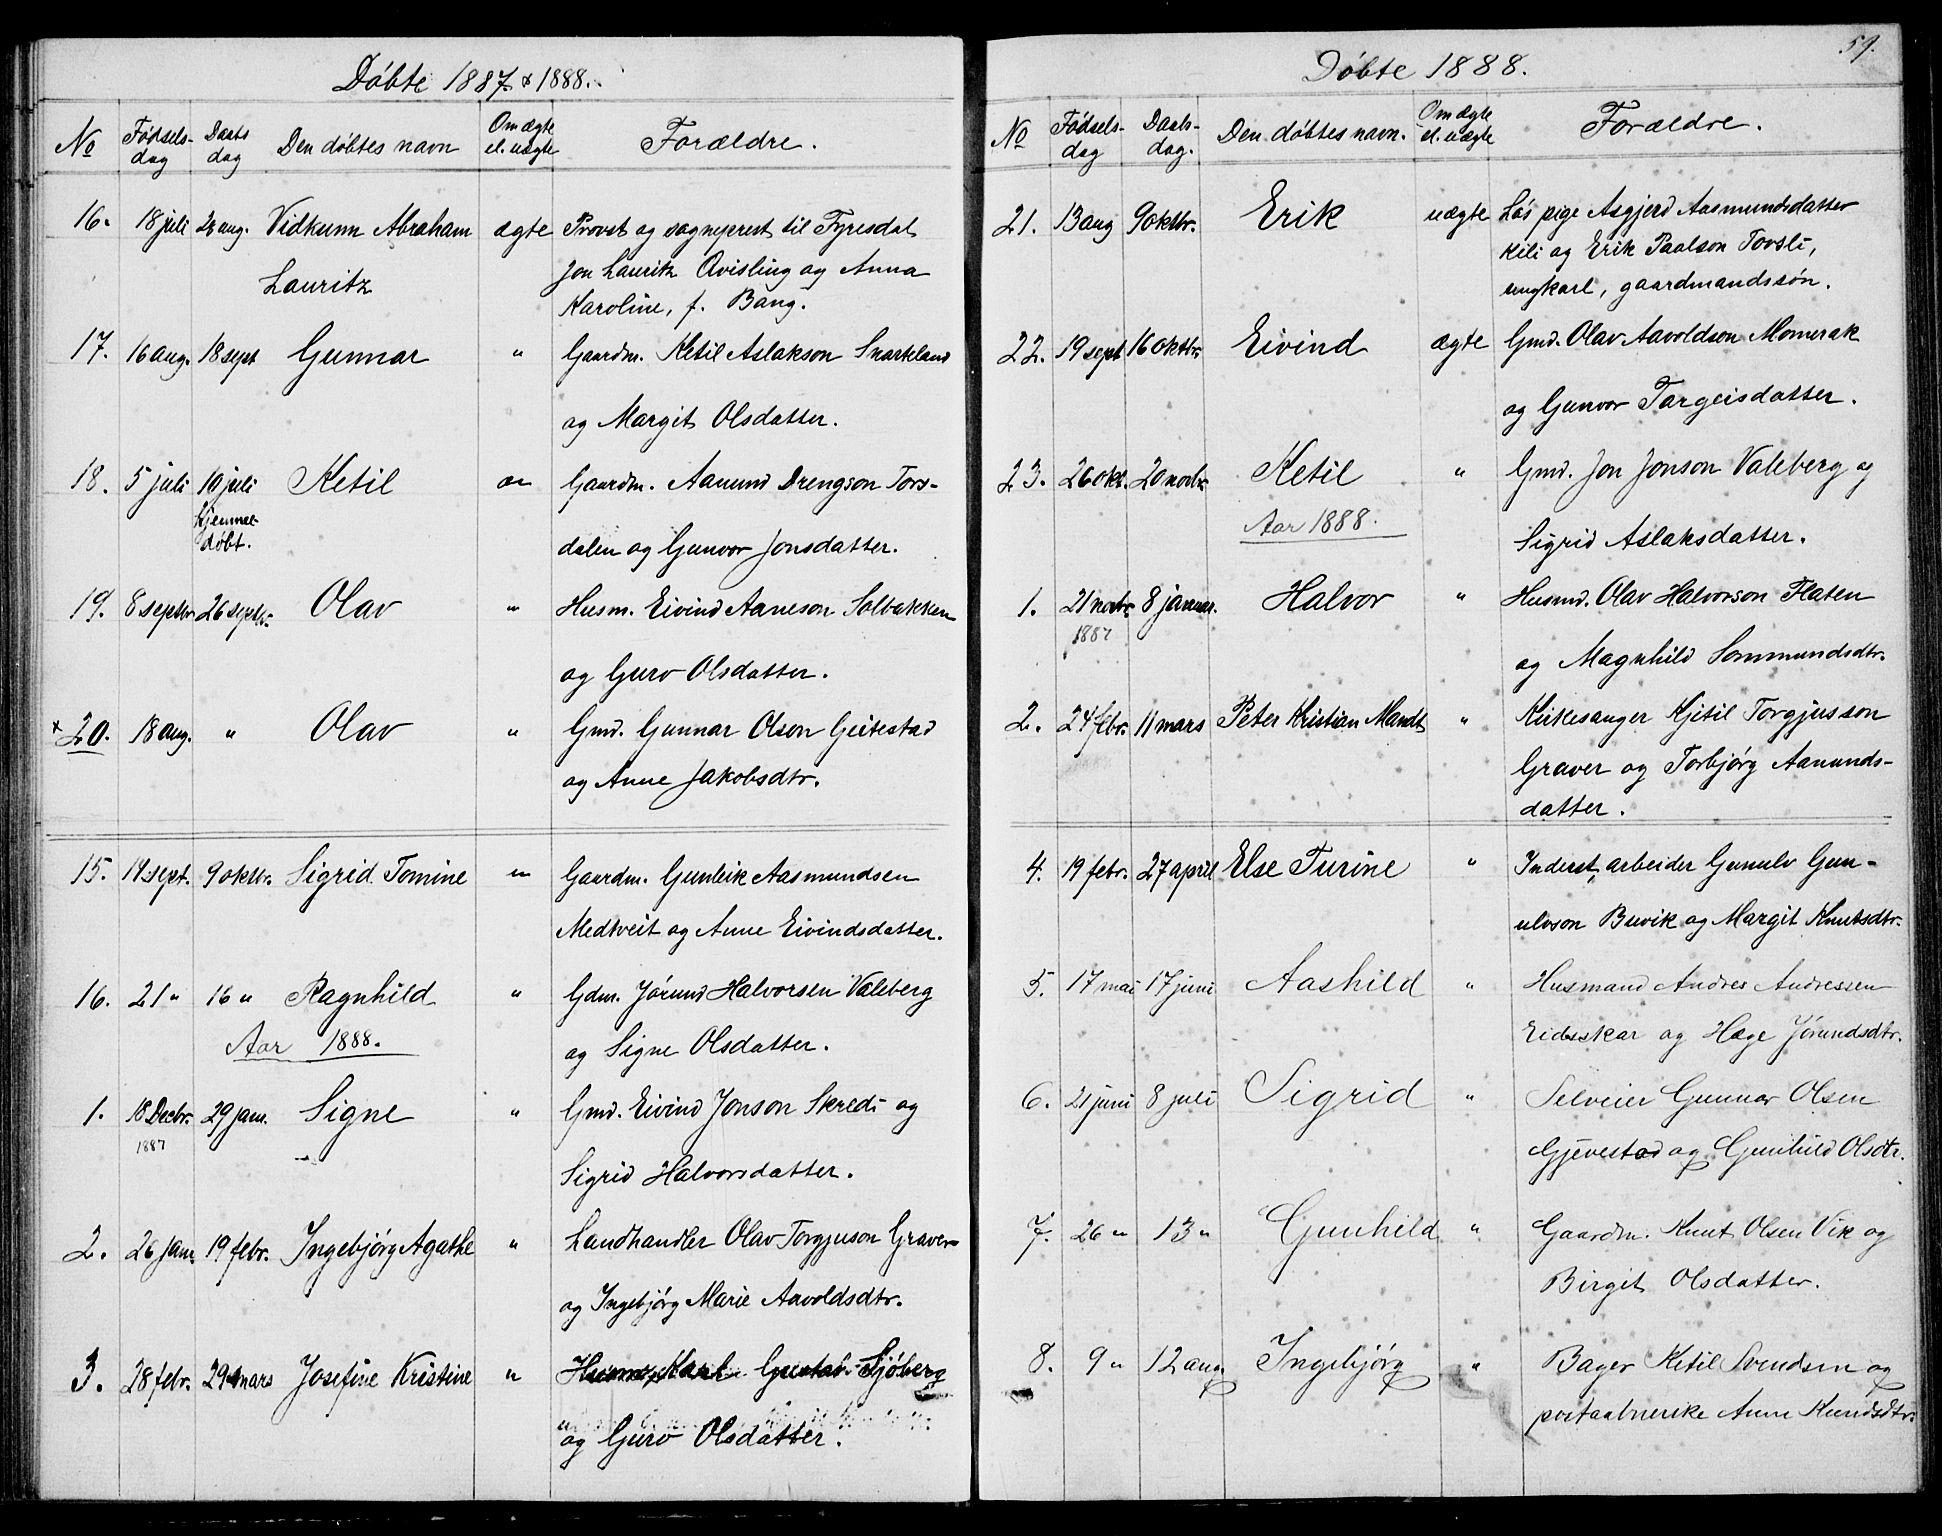 SAKO, Fyresdal kirkebøker, G/Ga/L0004: Klokkerbok nr. I 4, 1864-1892, s. 59